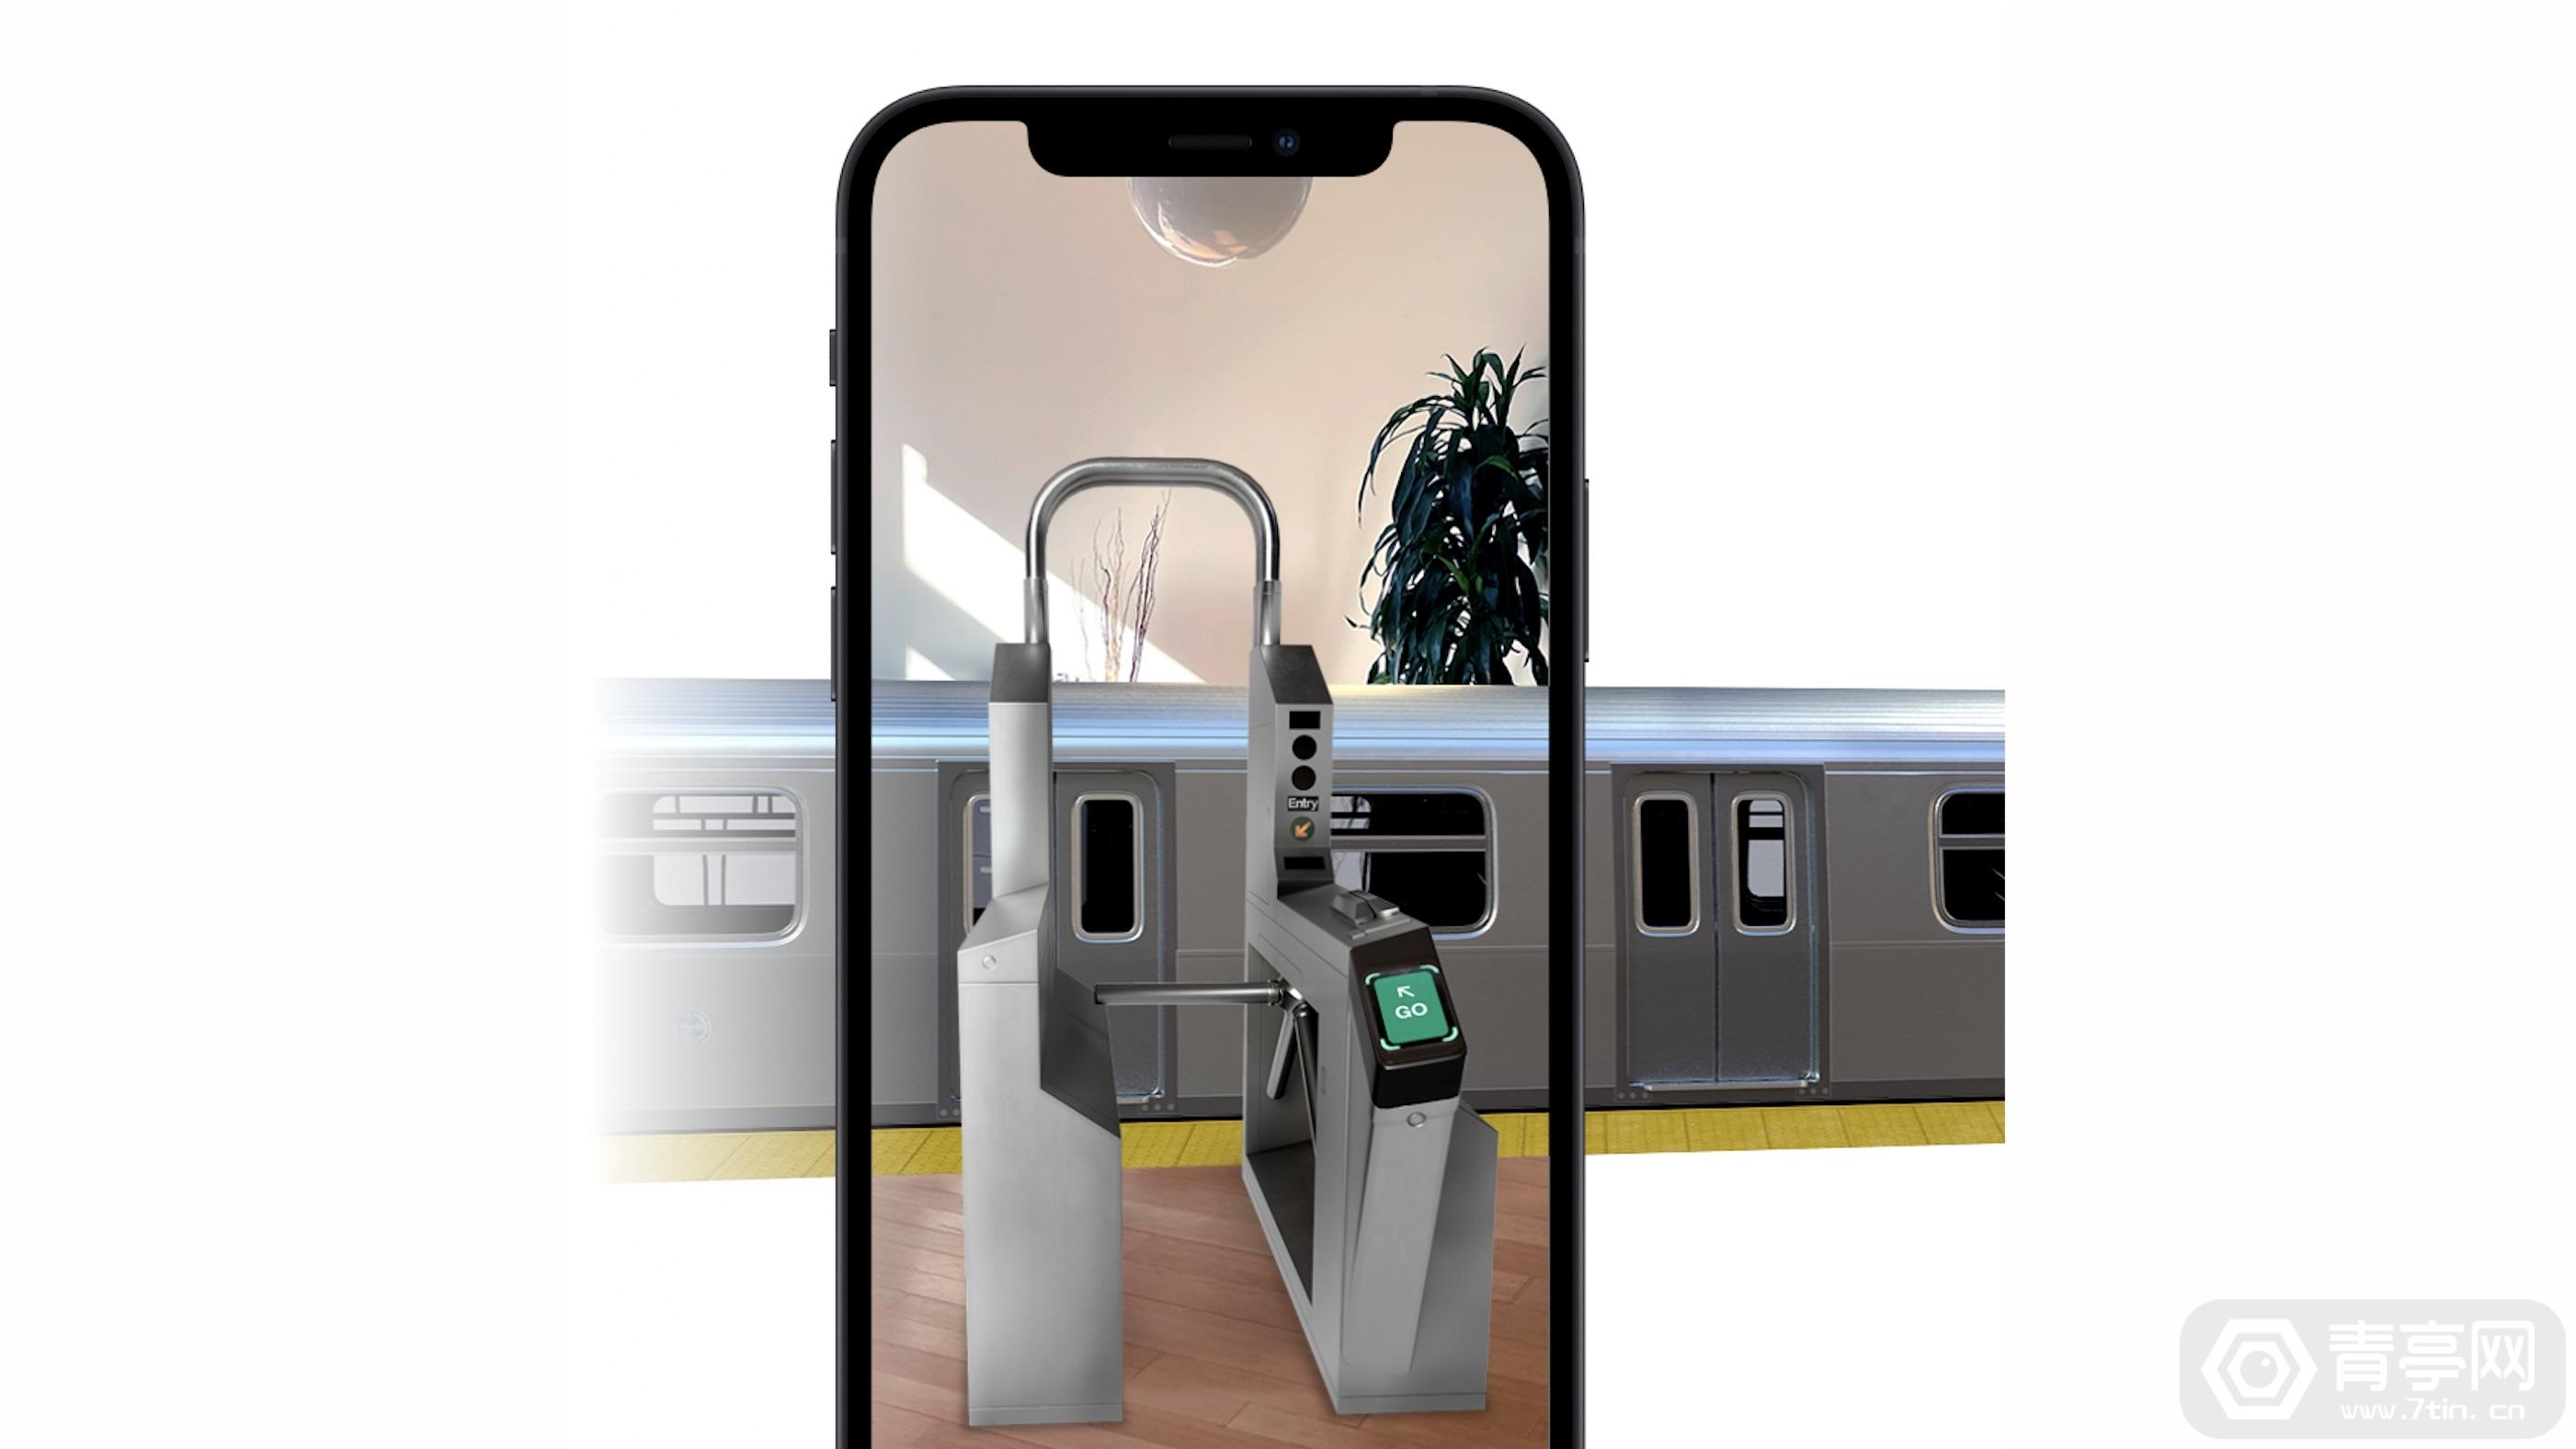 苹果用Snapchat AR演示Apple Pay快捷公交卡功能